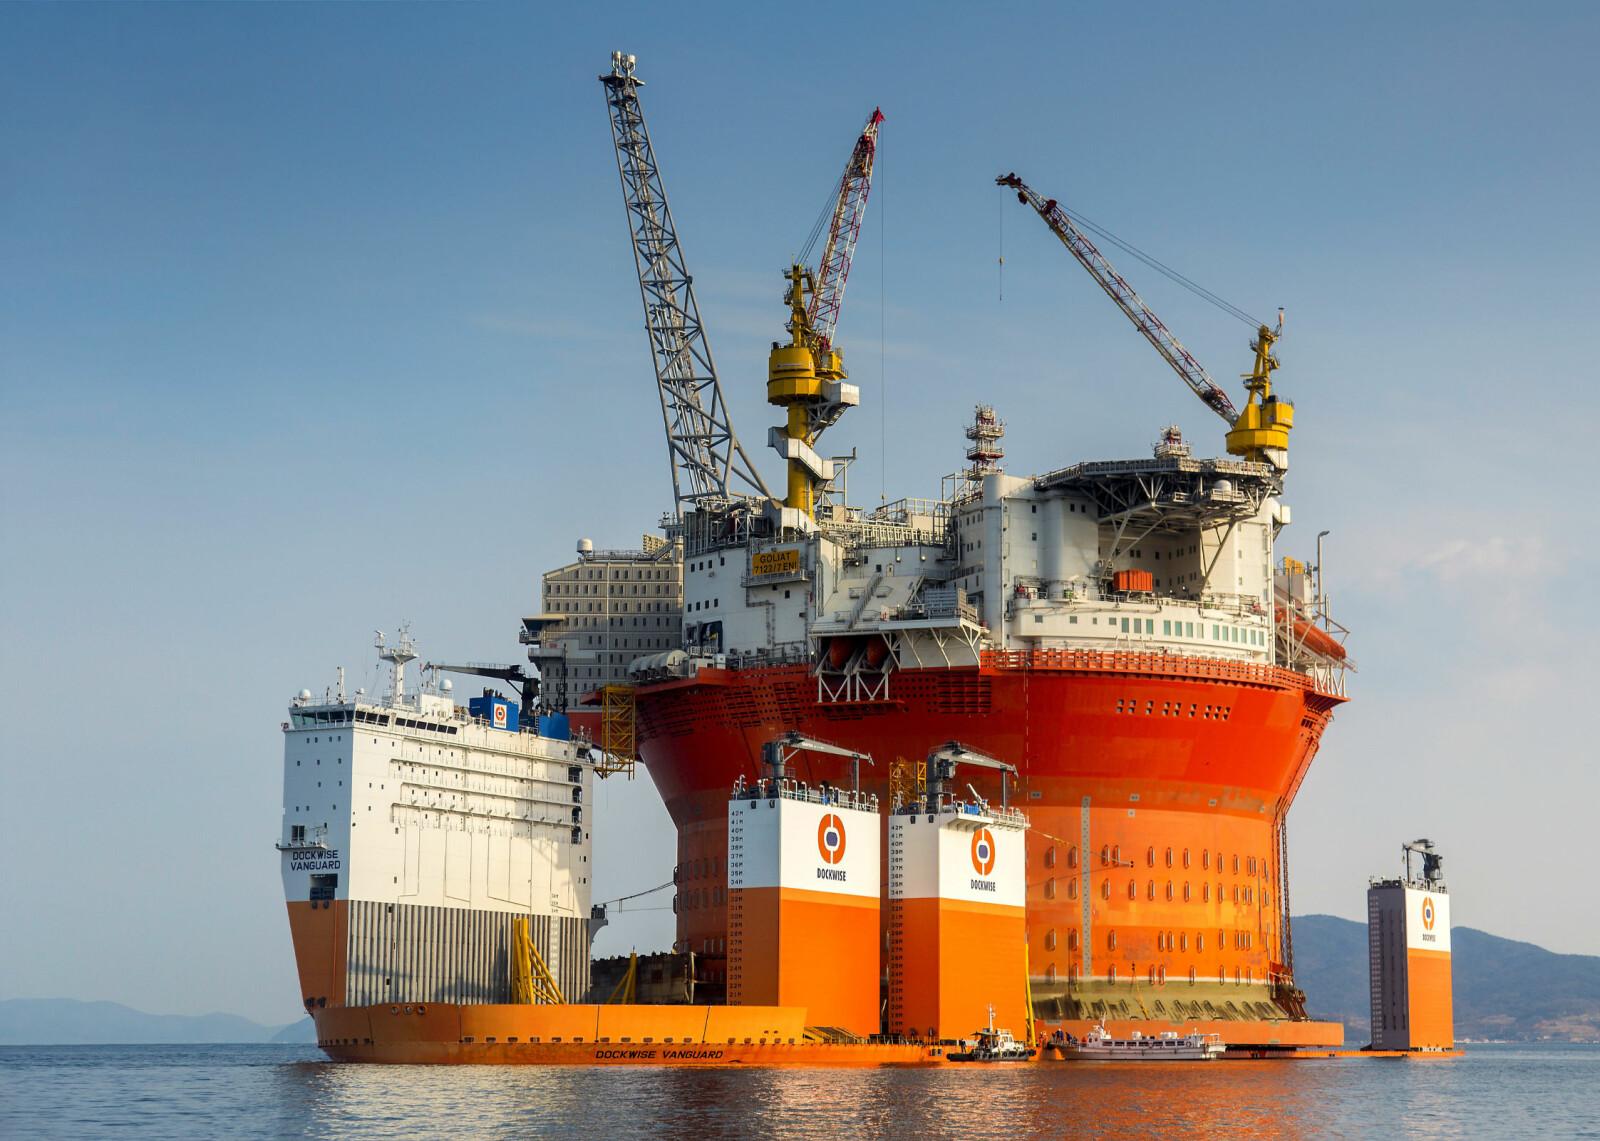 TUNGVEKT: Mitt skip er lastet med verdens største flytende, runde oljeplattform.